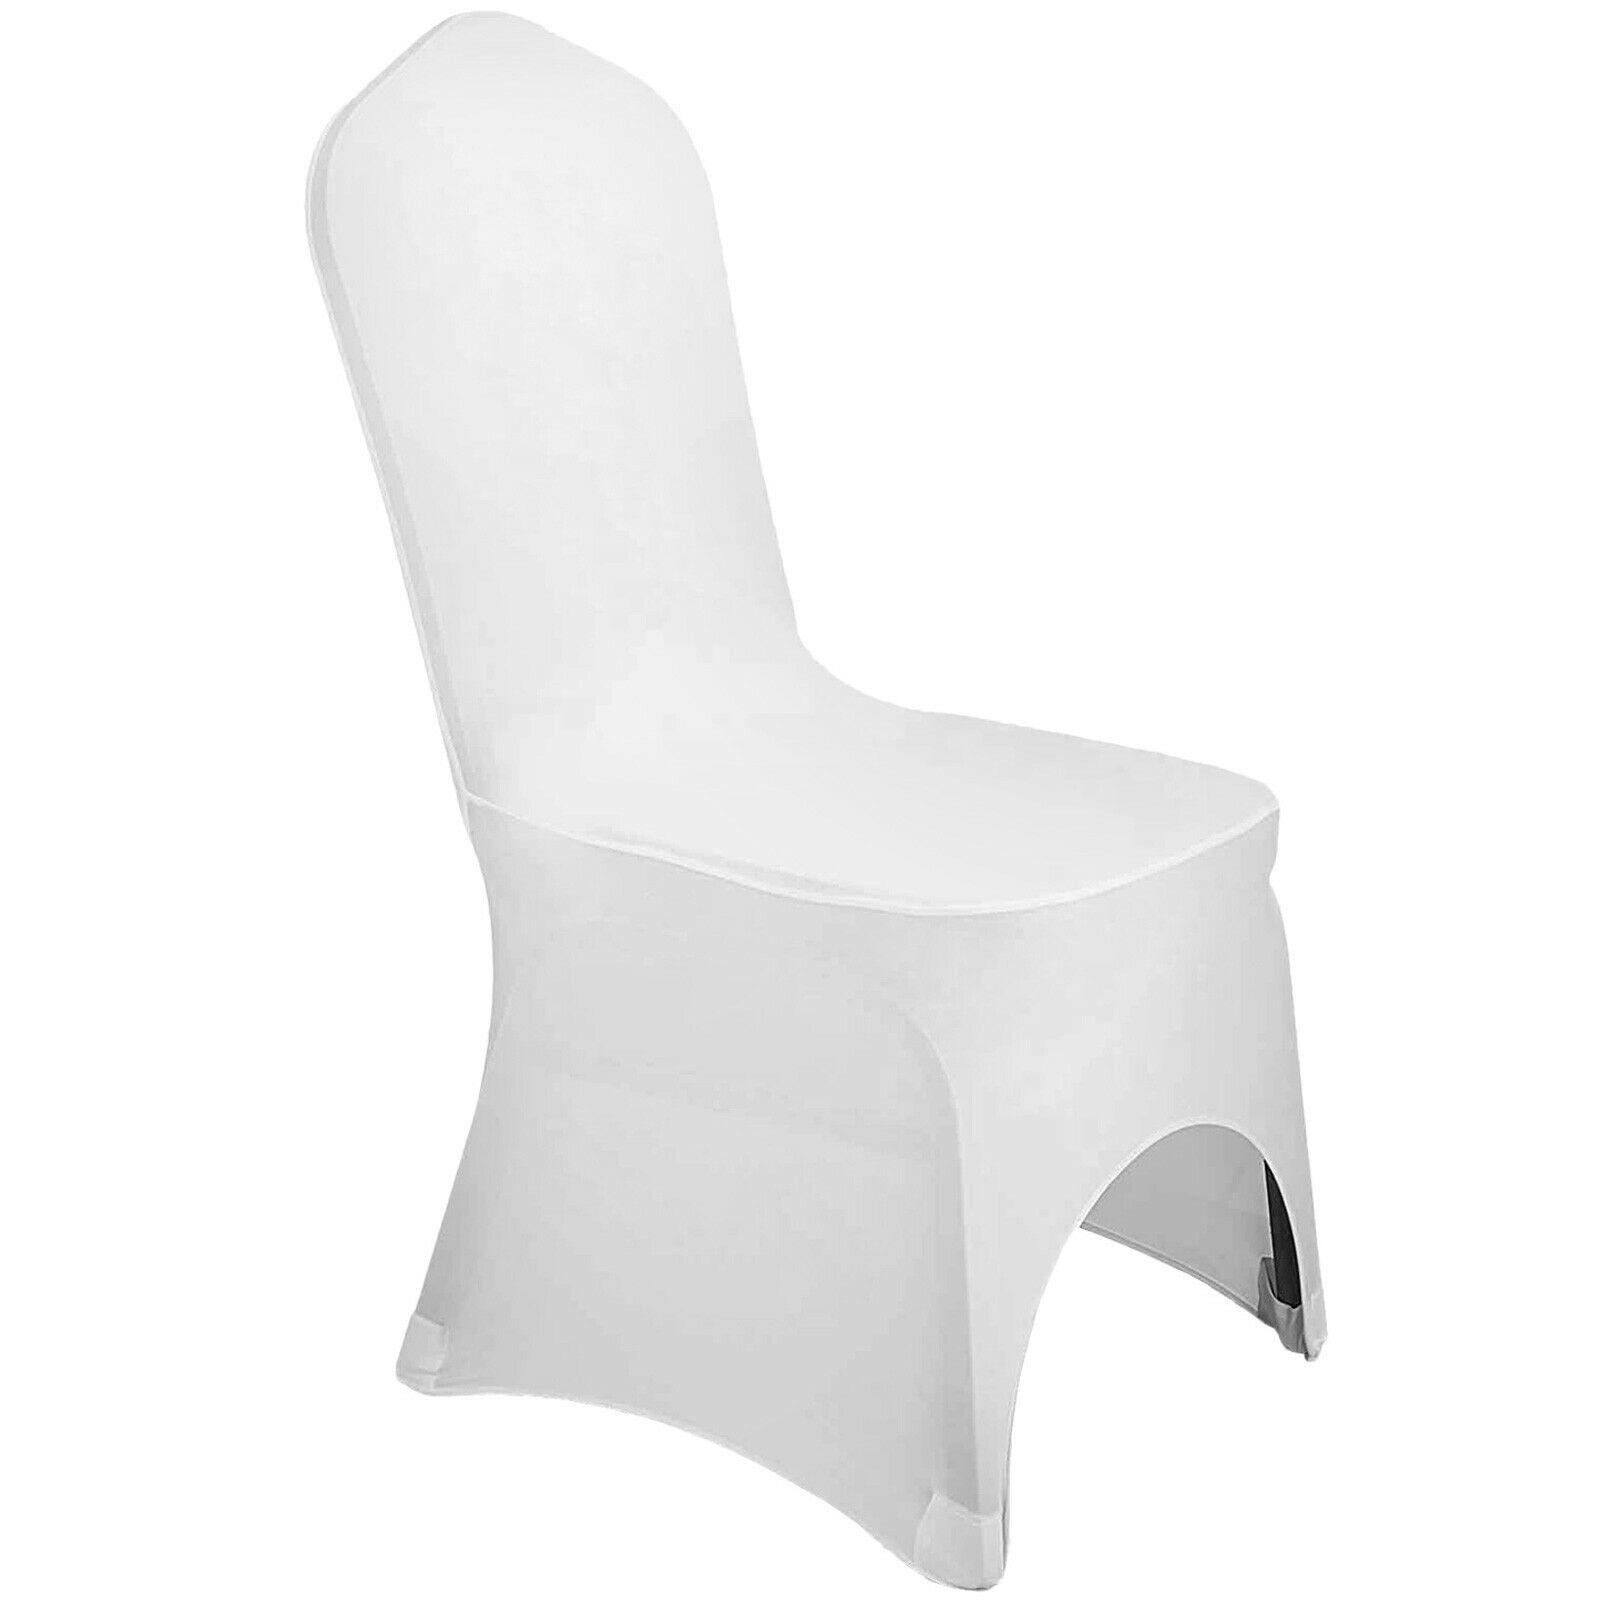 Návleky na stoličky - prenájom - Obrázok č. 1